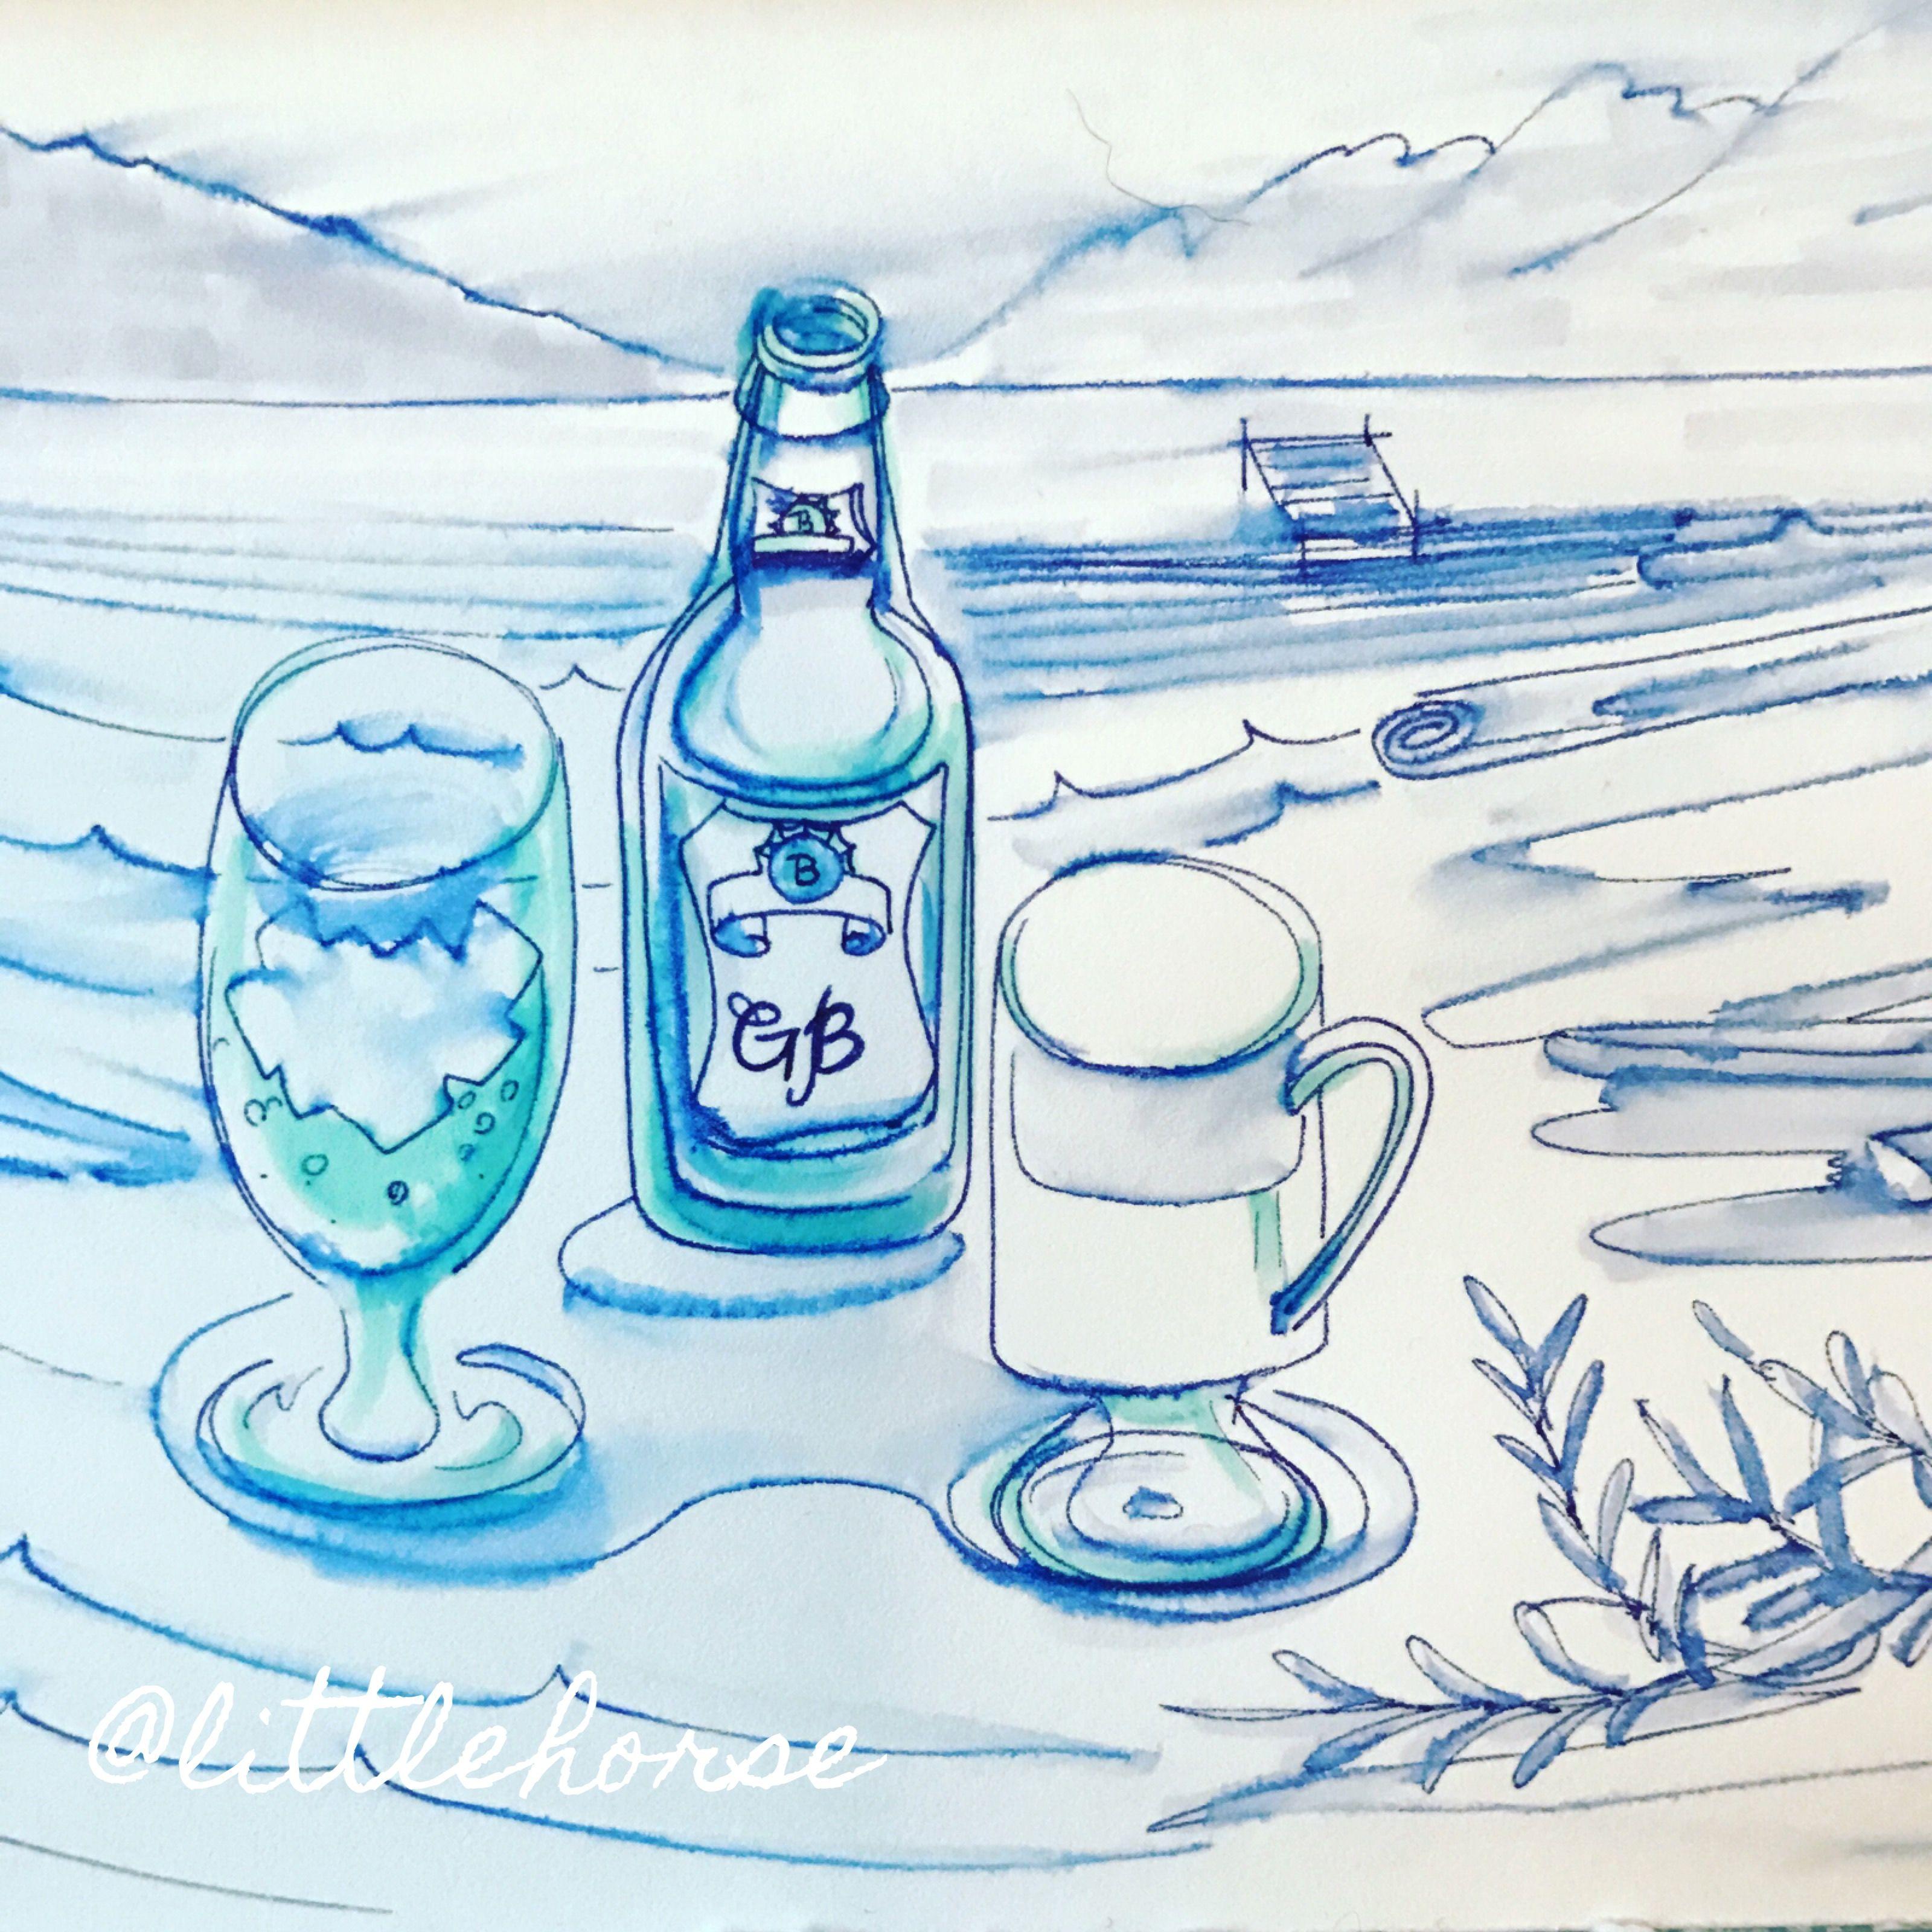 Ginger beer at lake side, illustration by Littlehorse.